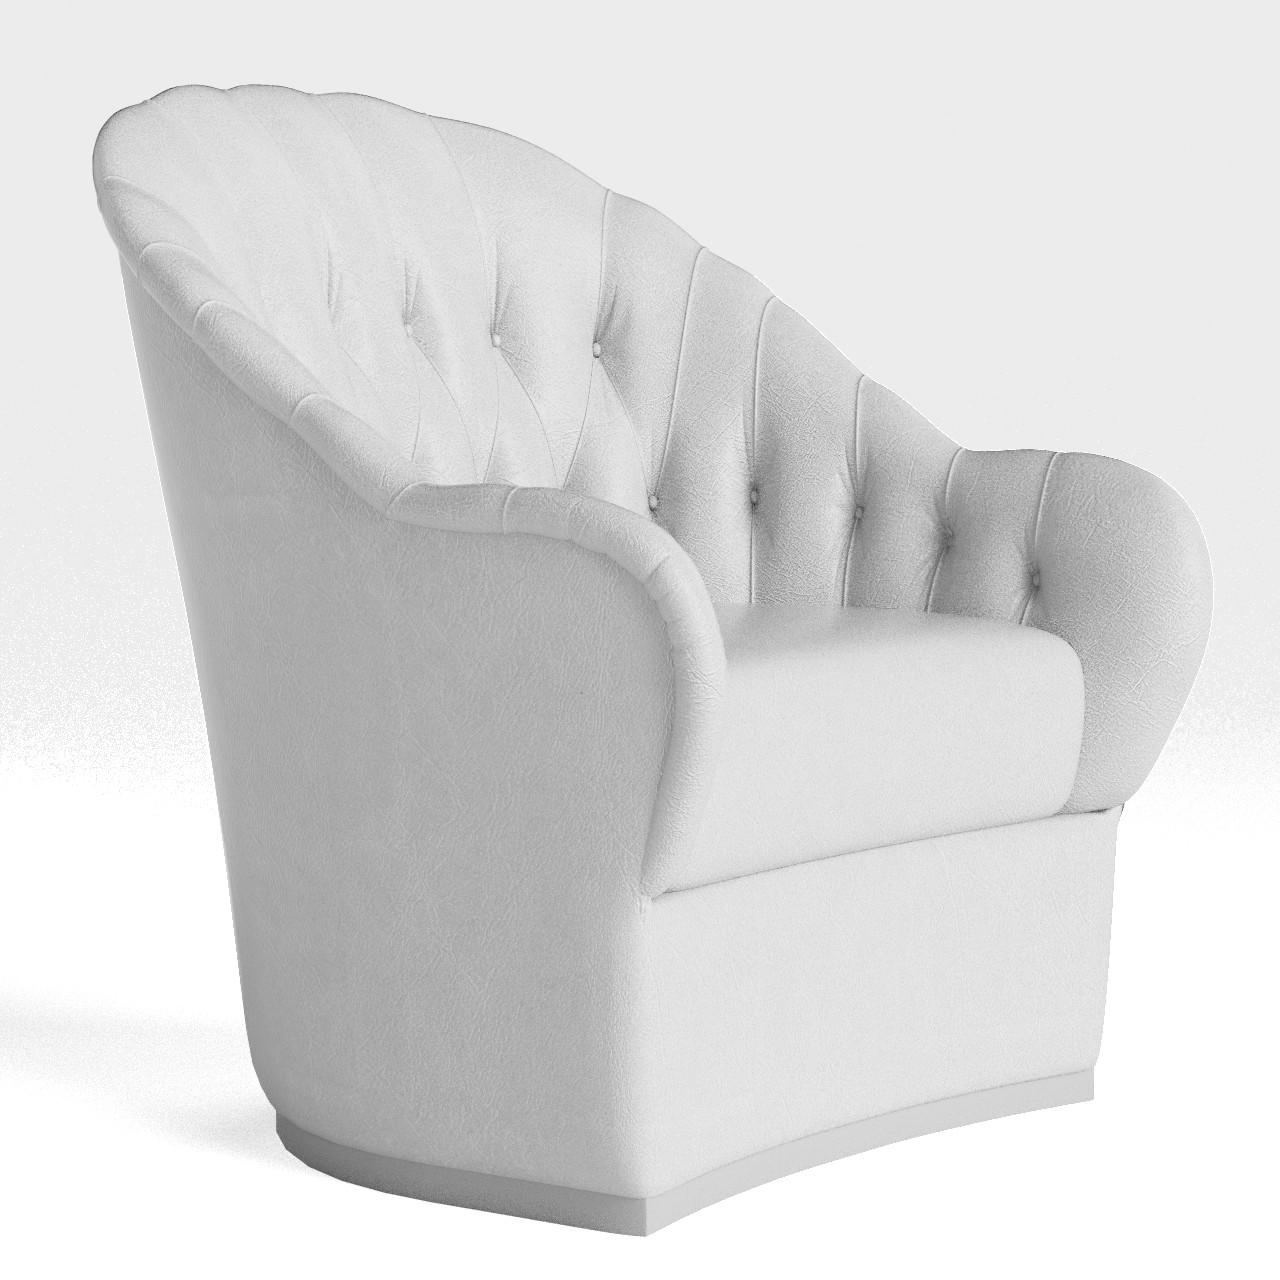 Tuffed Rainbow Chair 2.jpg